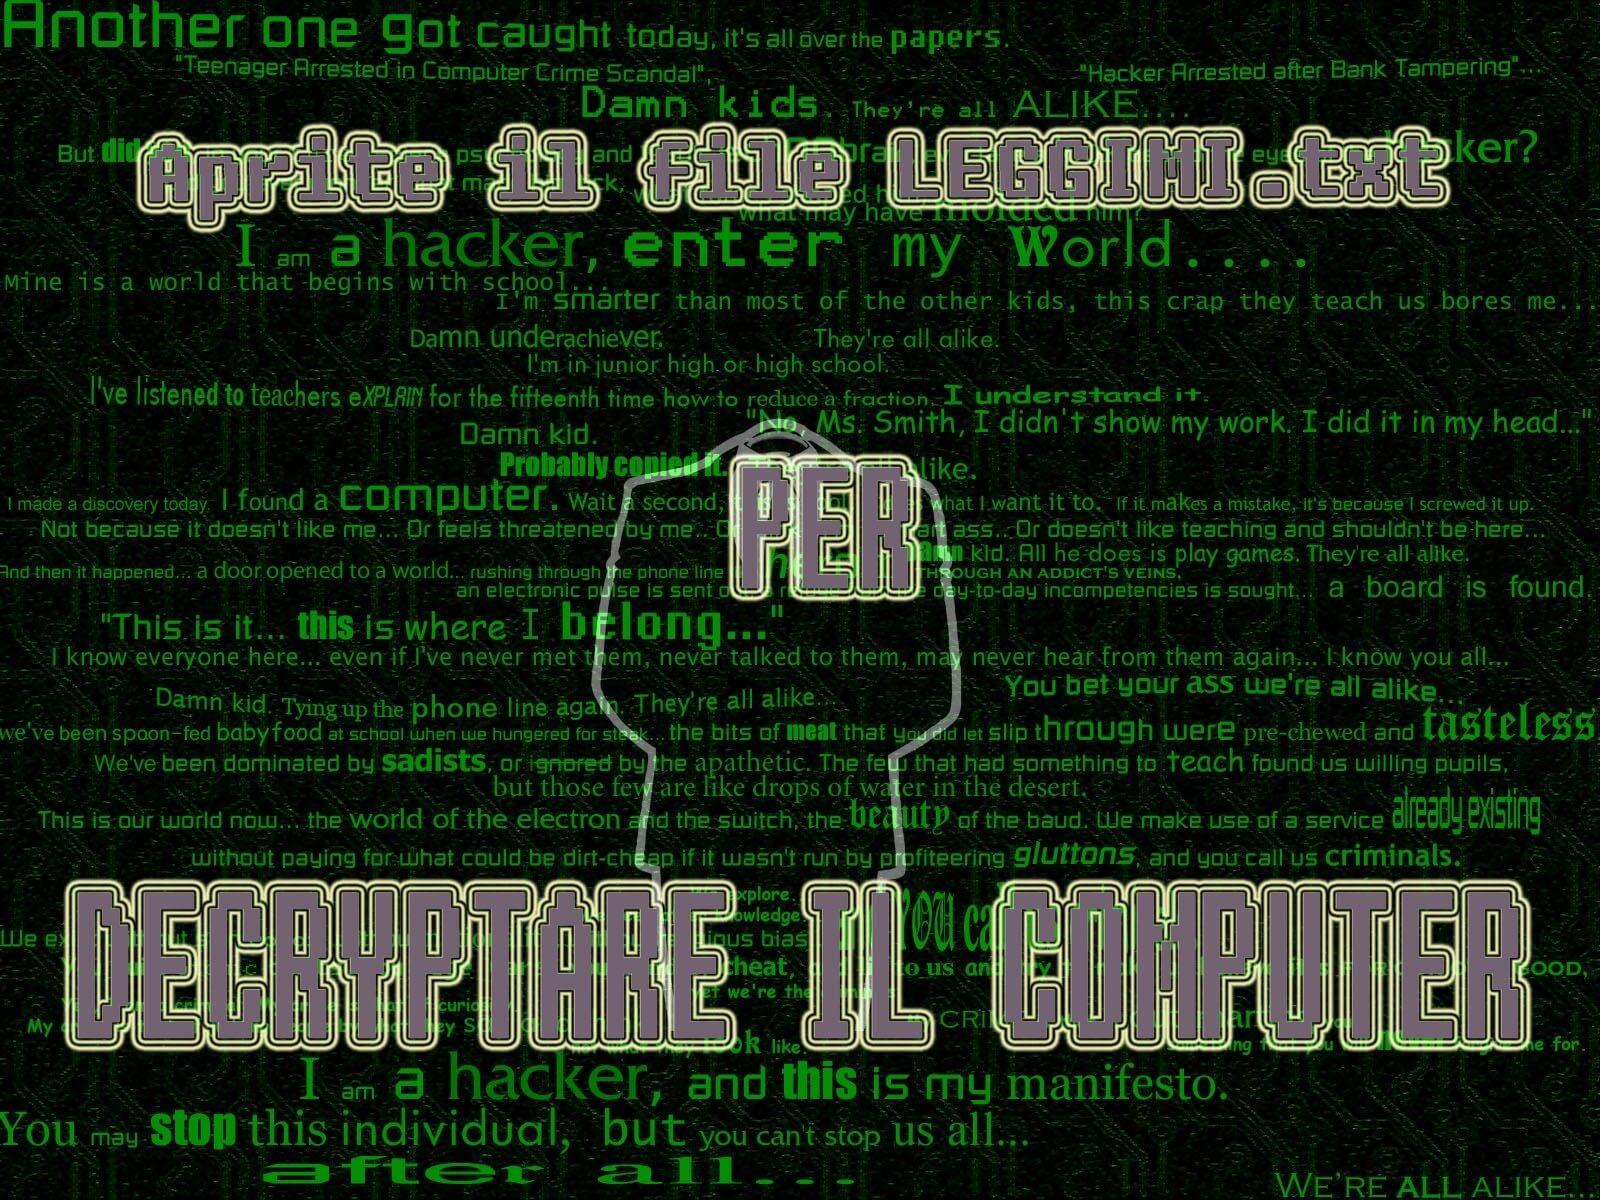 Captura de tela do ransomware Crypt888 v4